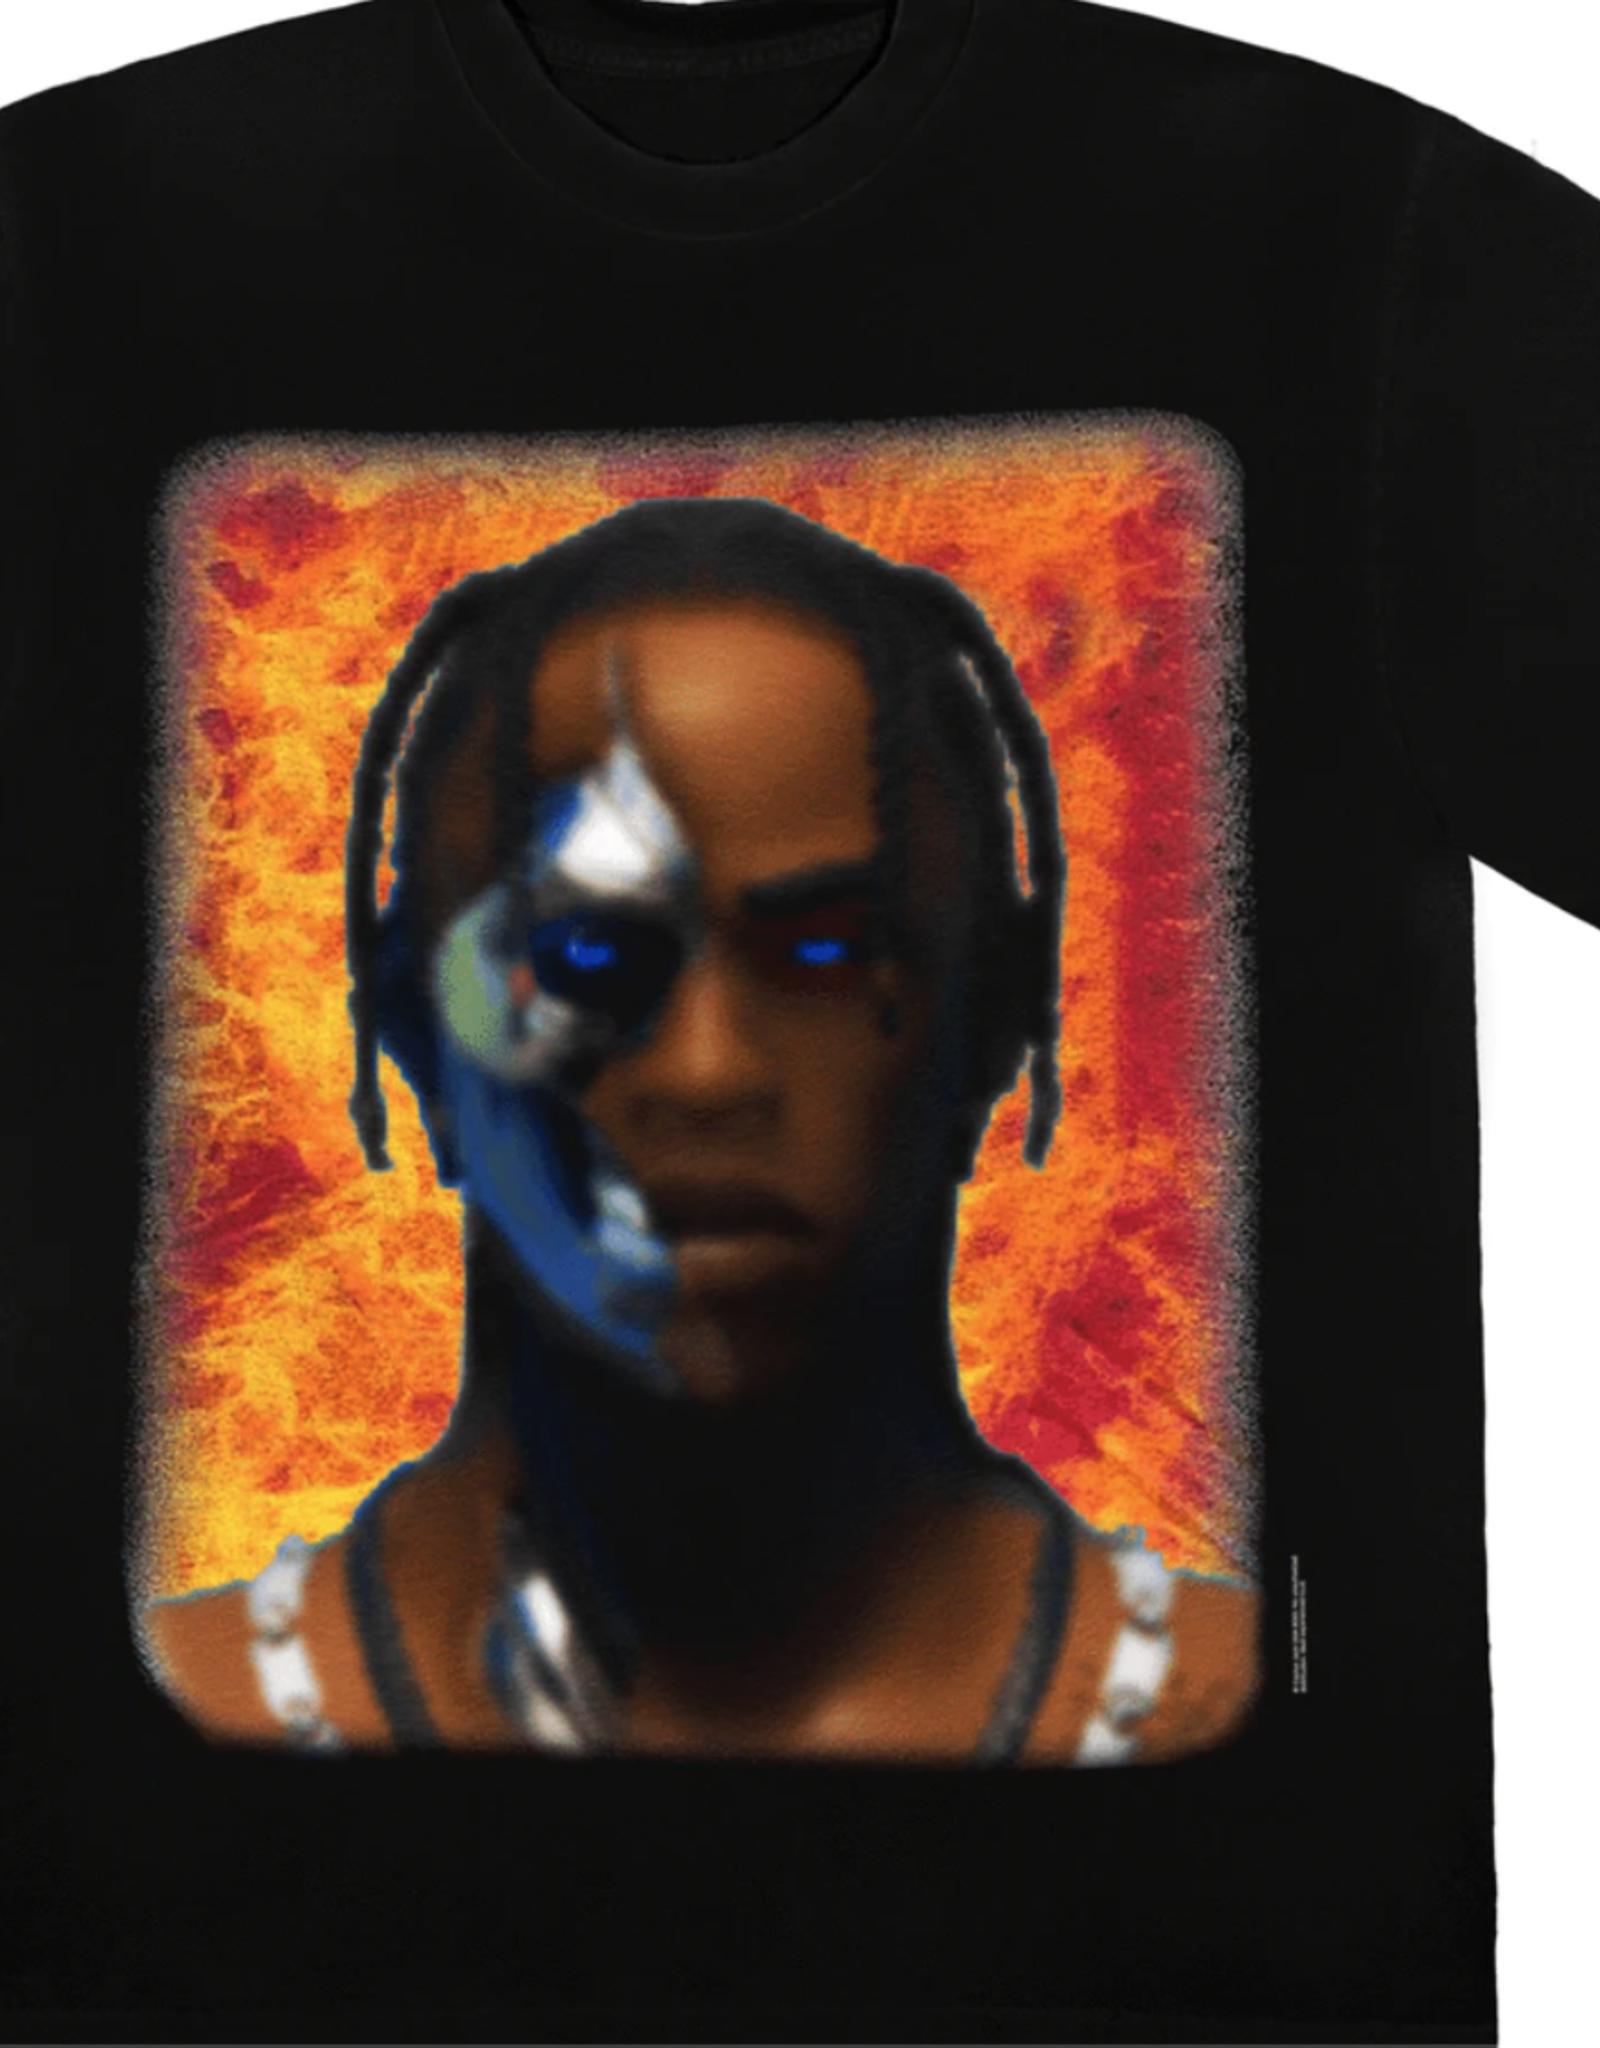 TRAVIS SCOTT Travis Scott T-3500 Portrait T-Shirt Black - XL